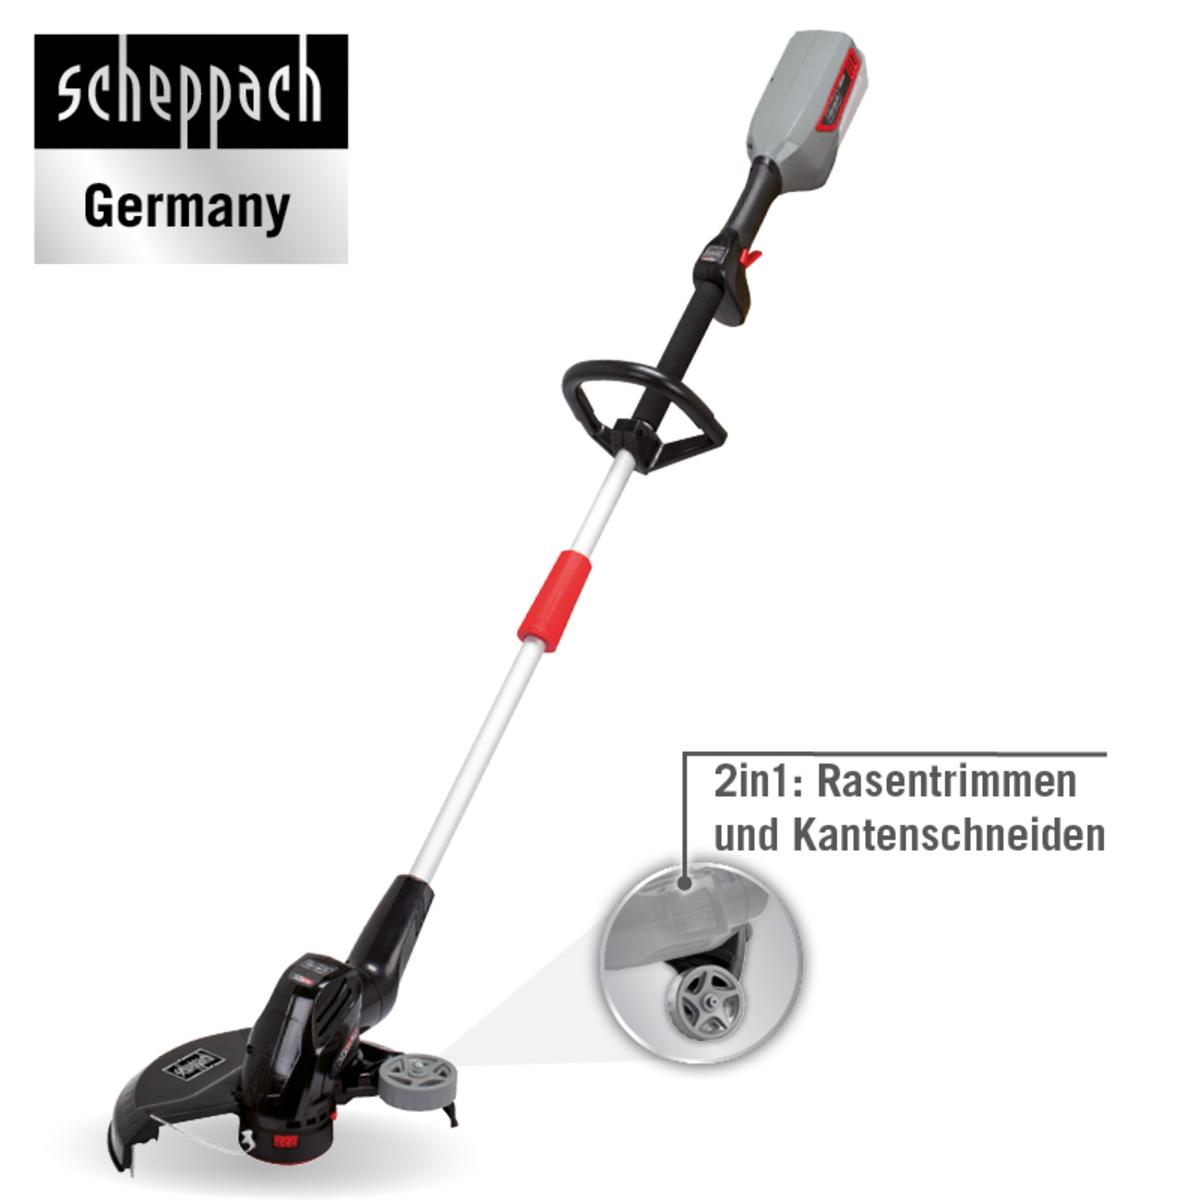 Bild 3 von Scheppach Akku-Rasentrimmer BCH3300-40Li